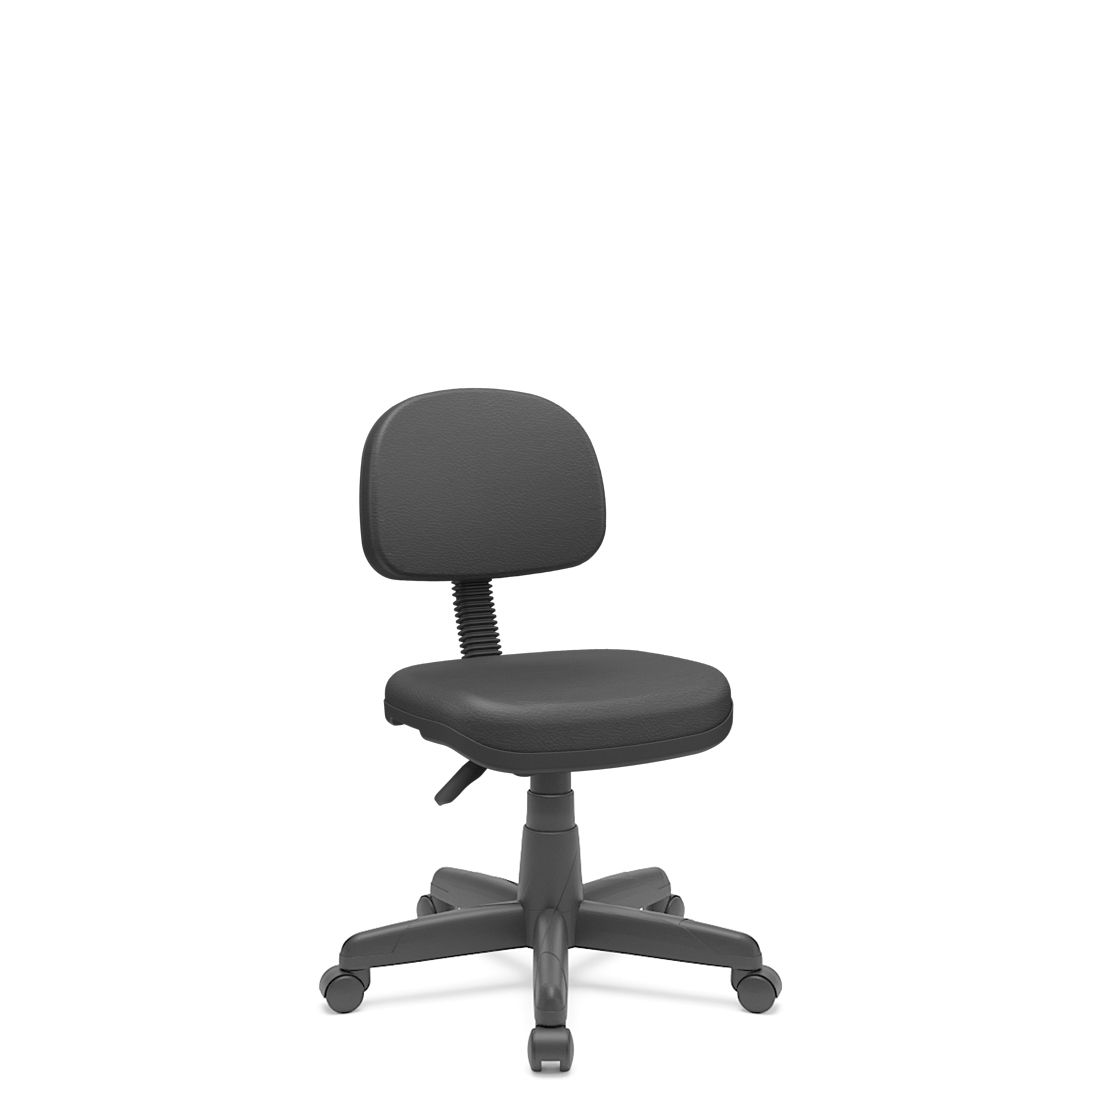 Cadeira Secretária Giratória Em couro ecológico Com Base Preta Plaxmetal - Preto